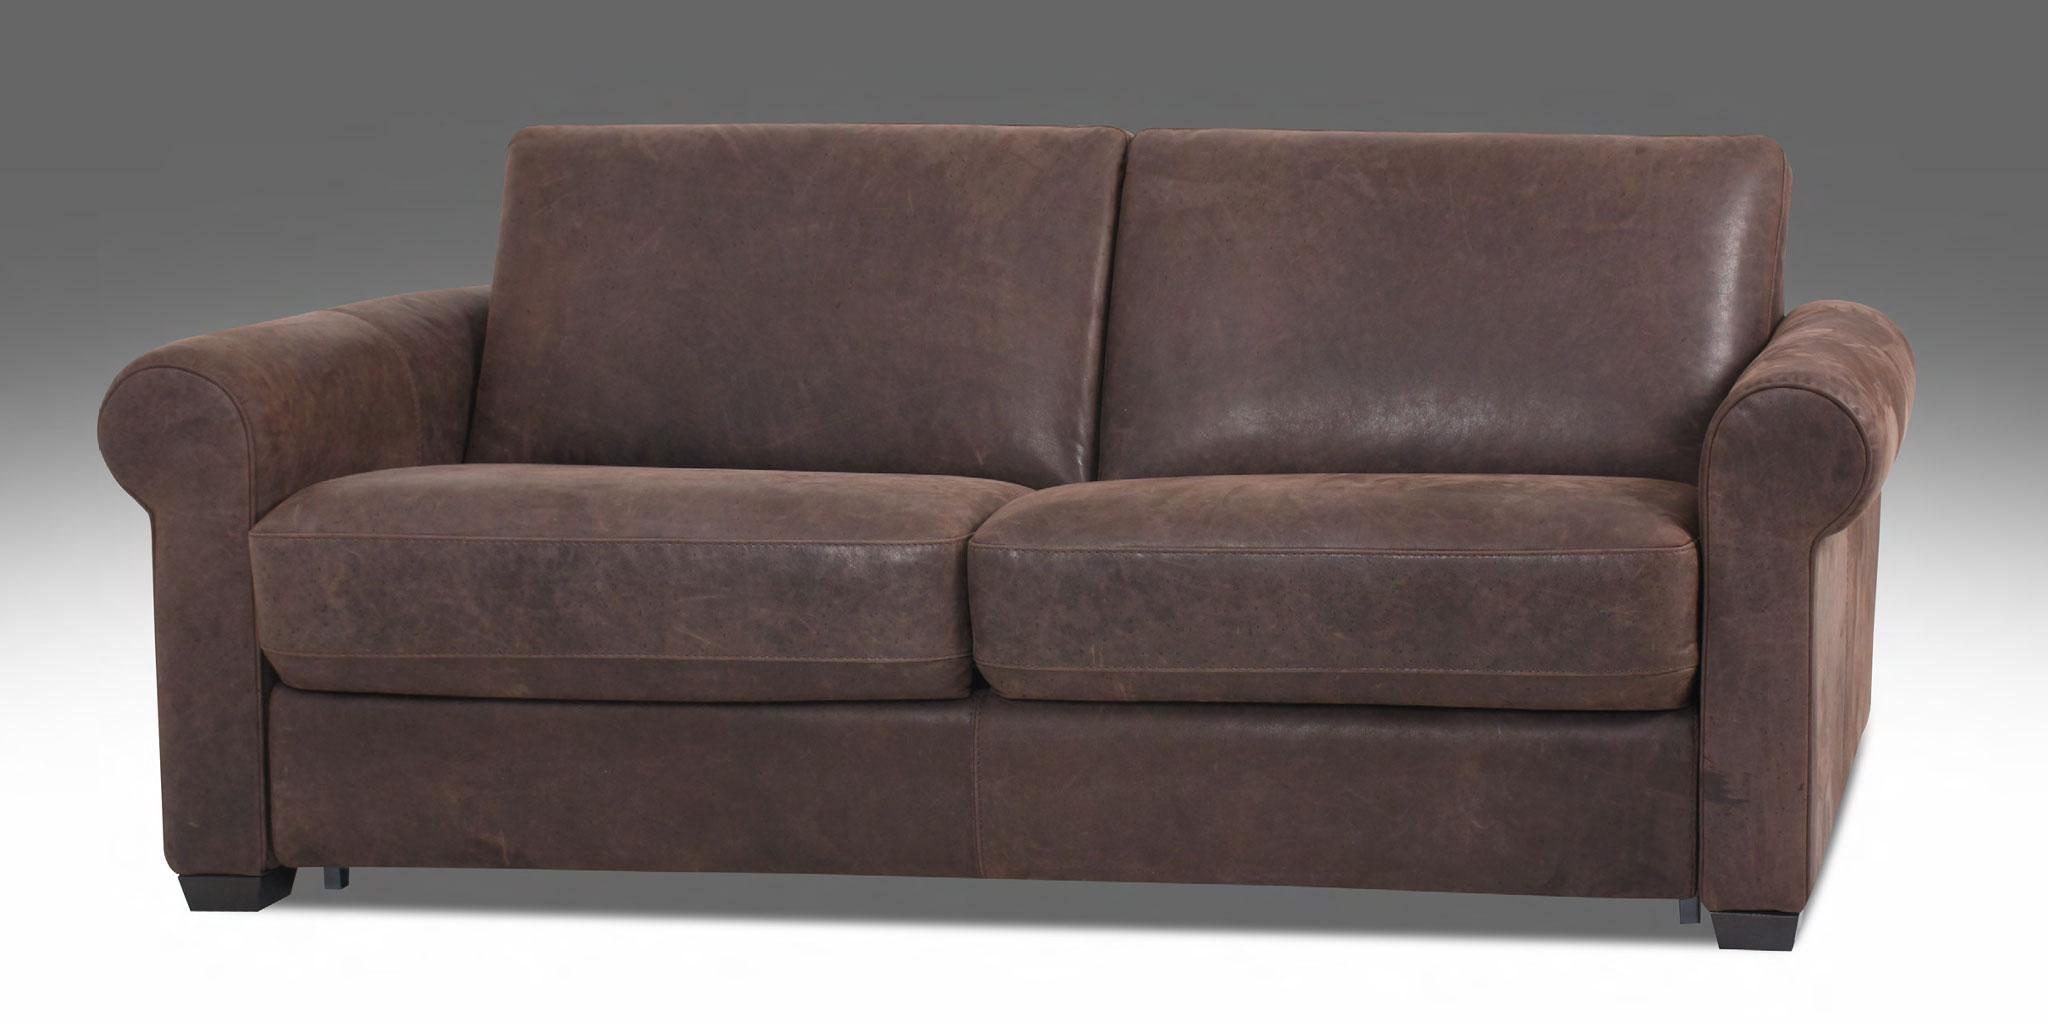 Viseu Sofa Bed